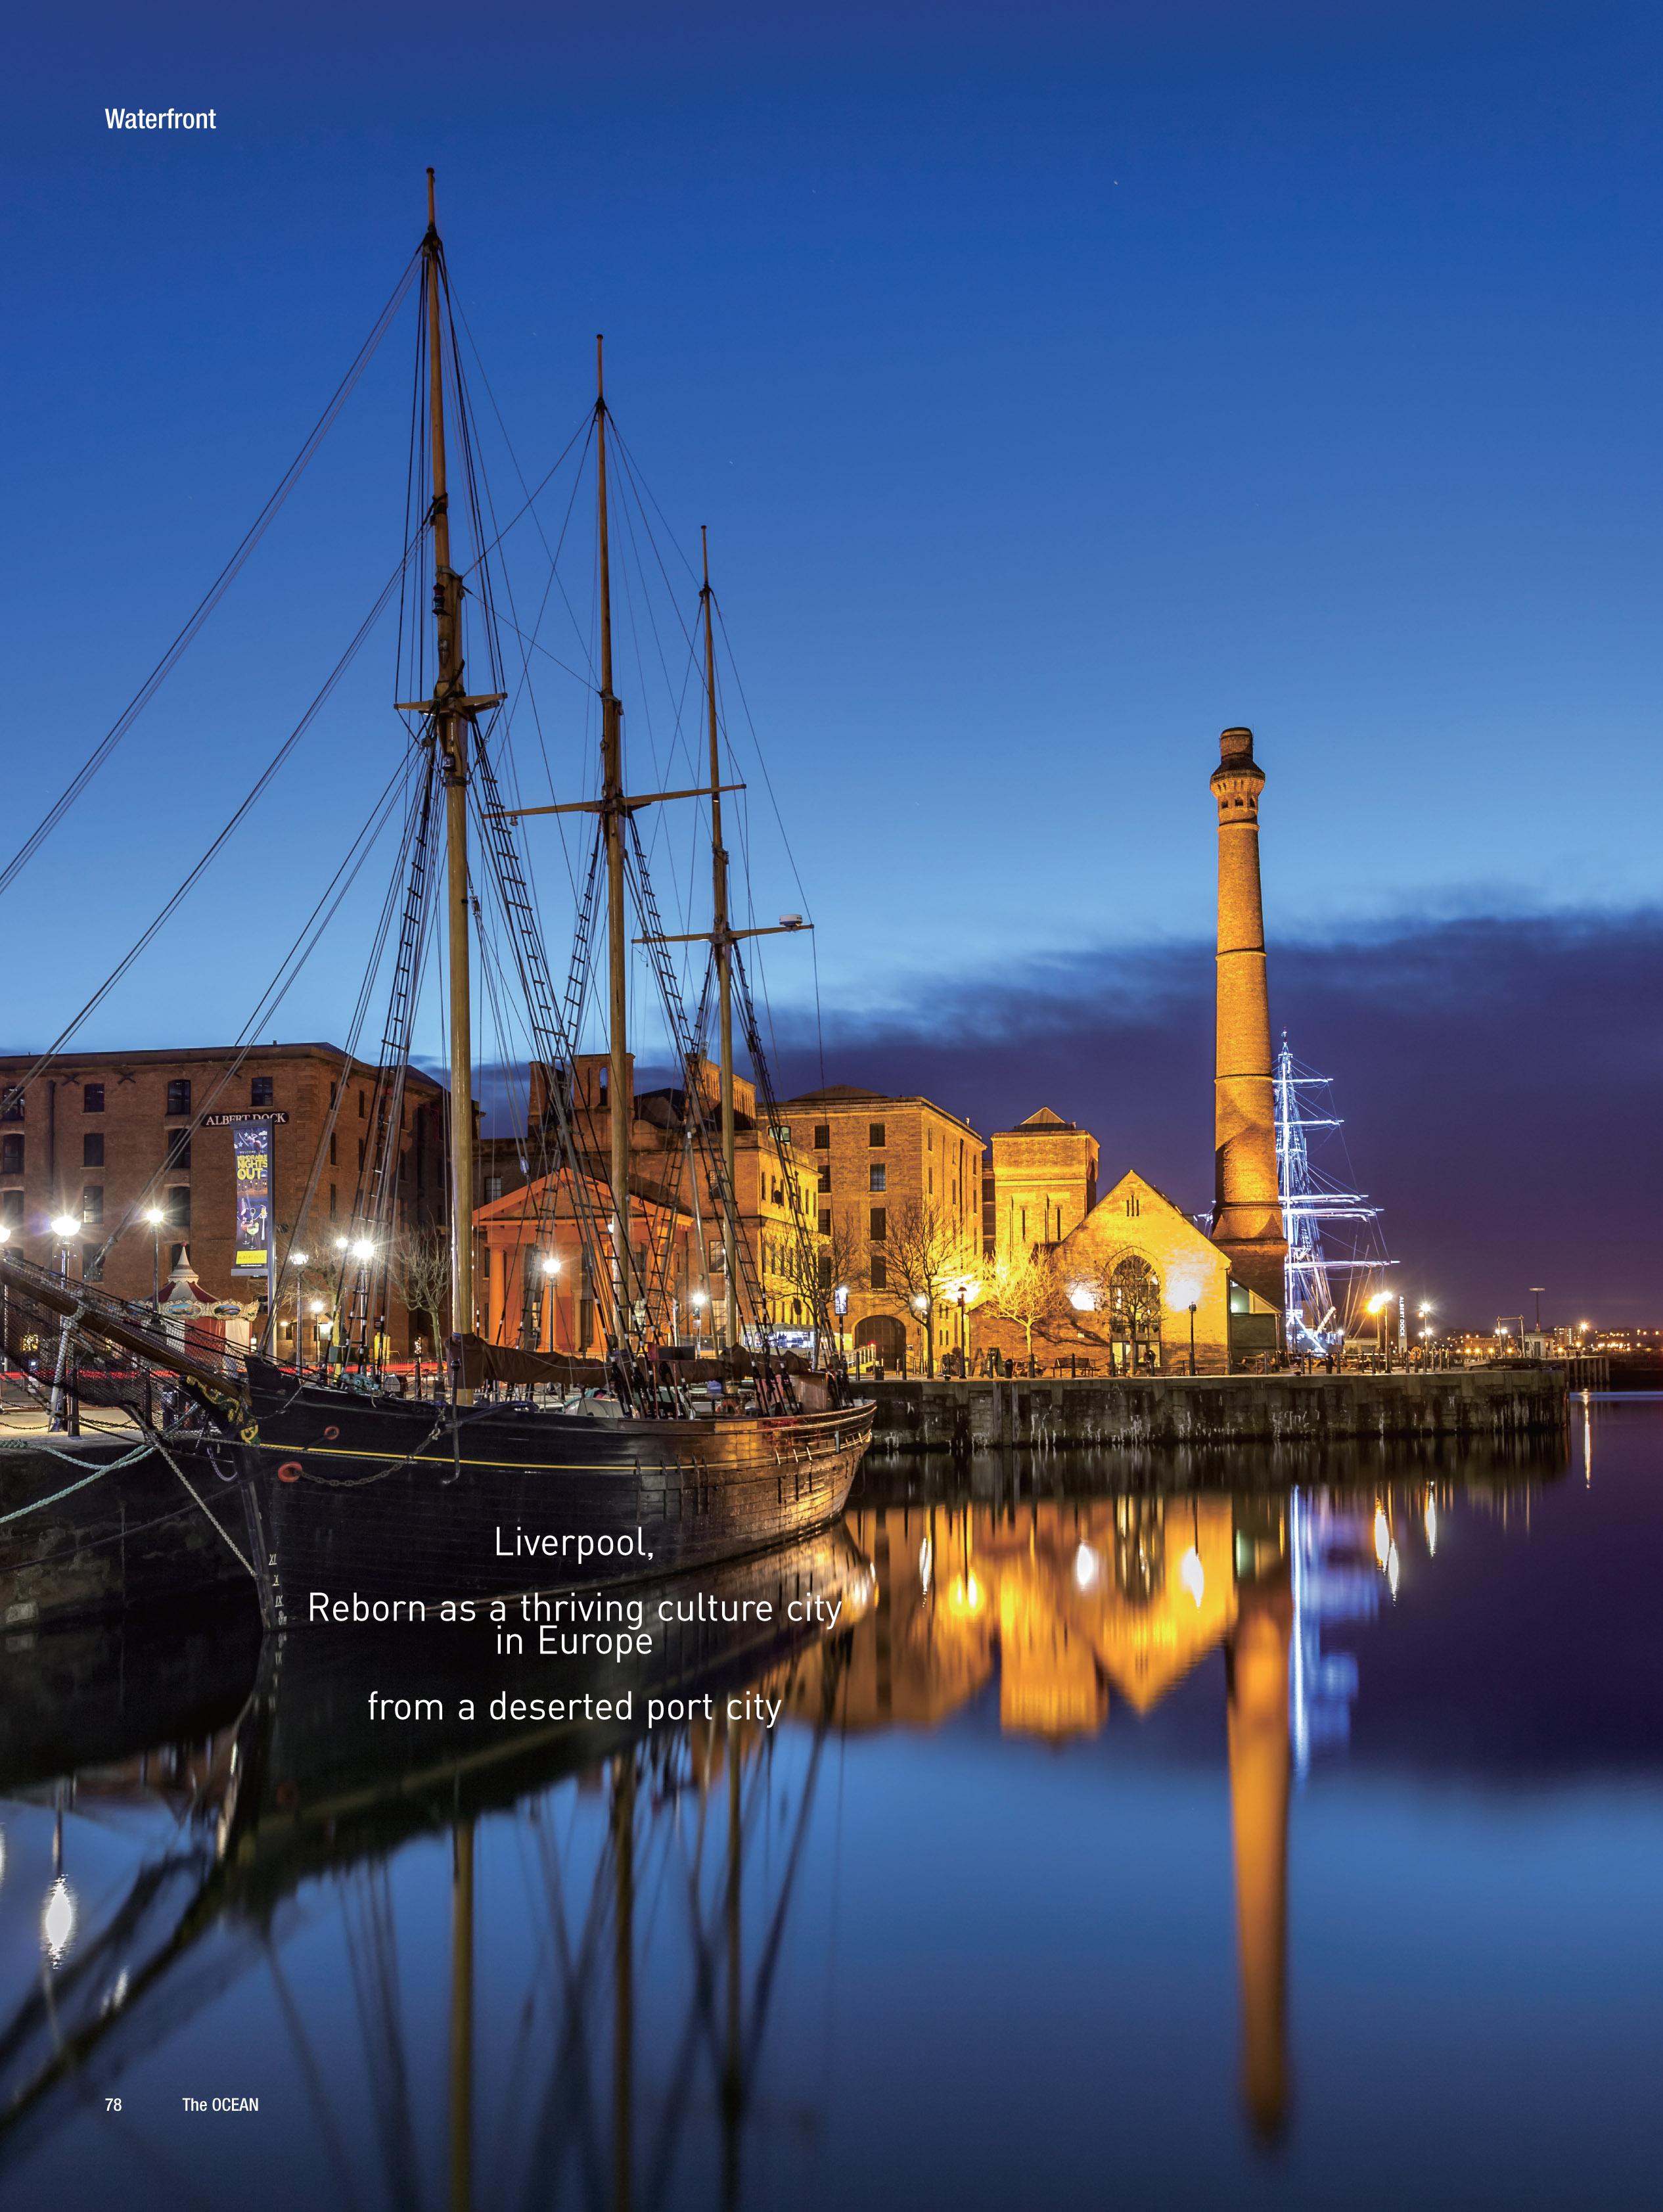 리버풀, 몰락한 항구도시에 유럽의 문화도시로